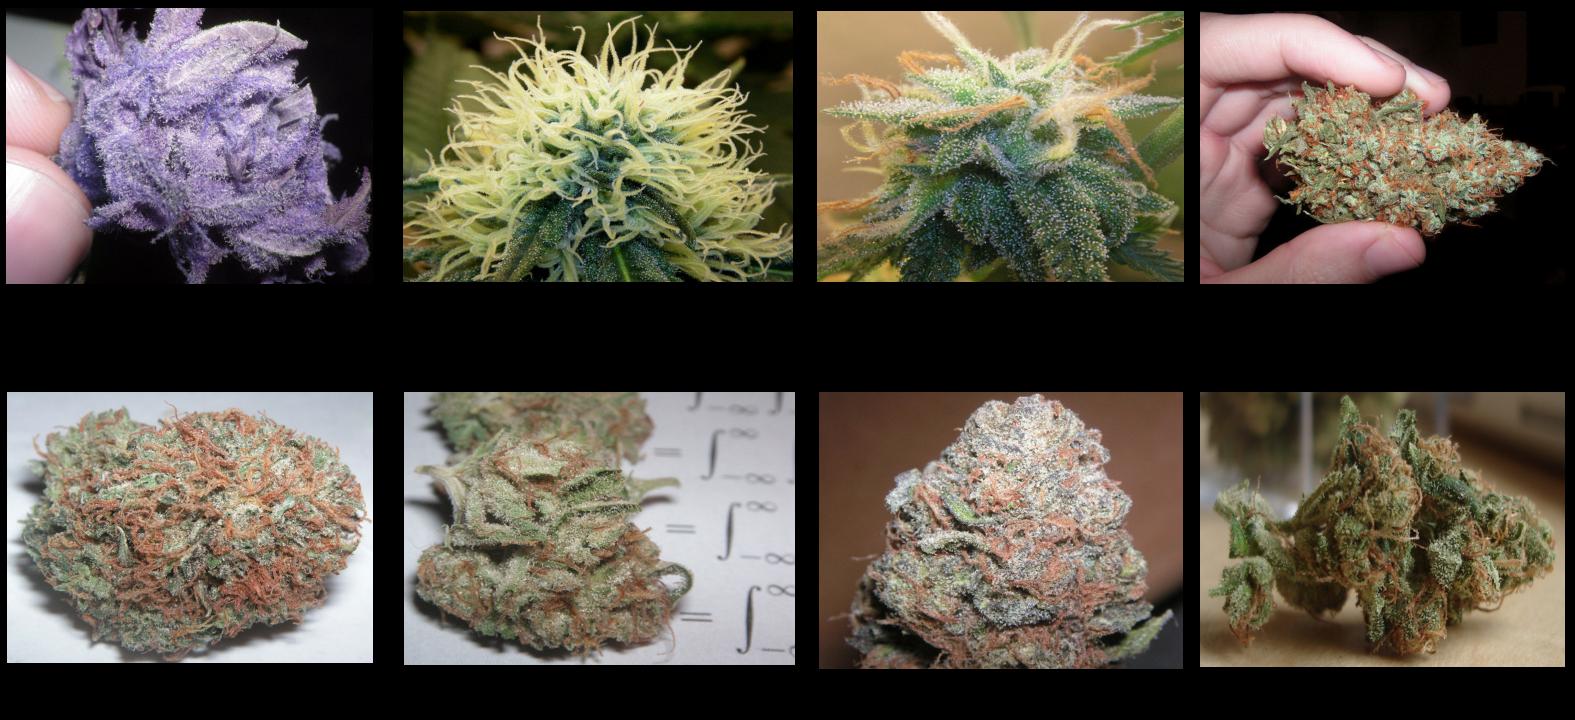 Medical+Marijuana+Sample+Photos+1.3.png (1575×720) | The Cannabis ...